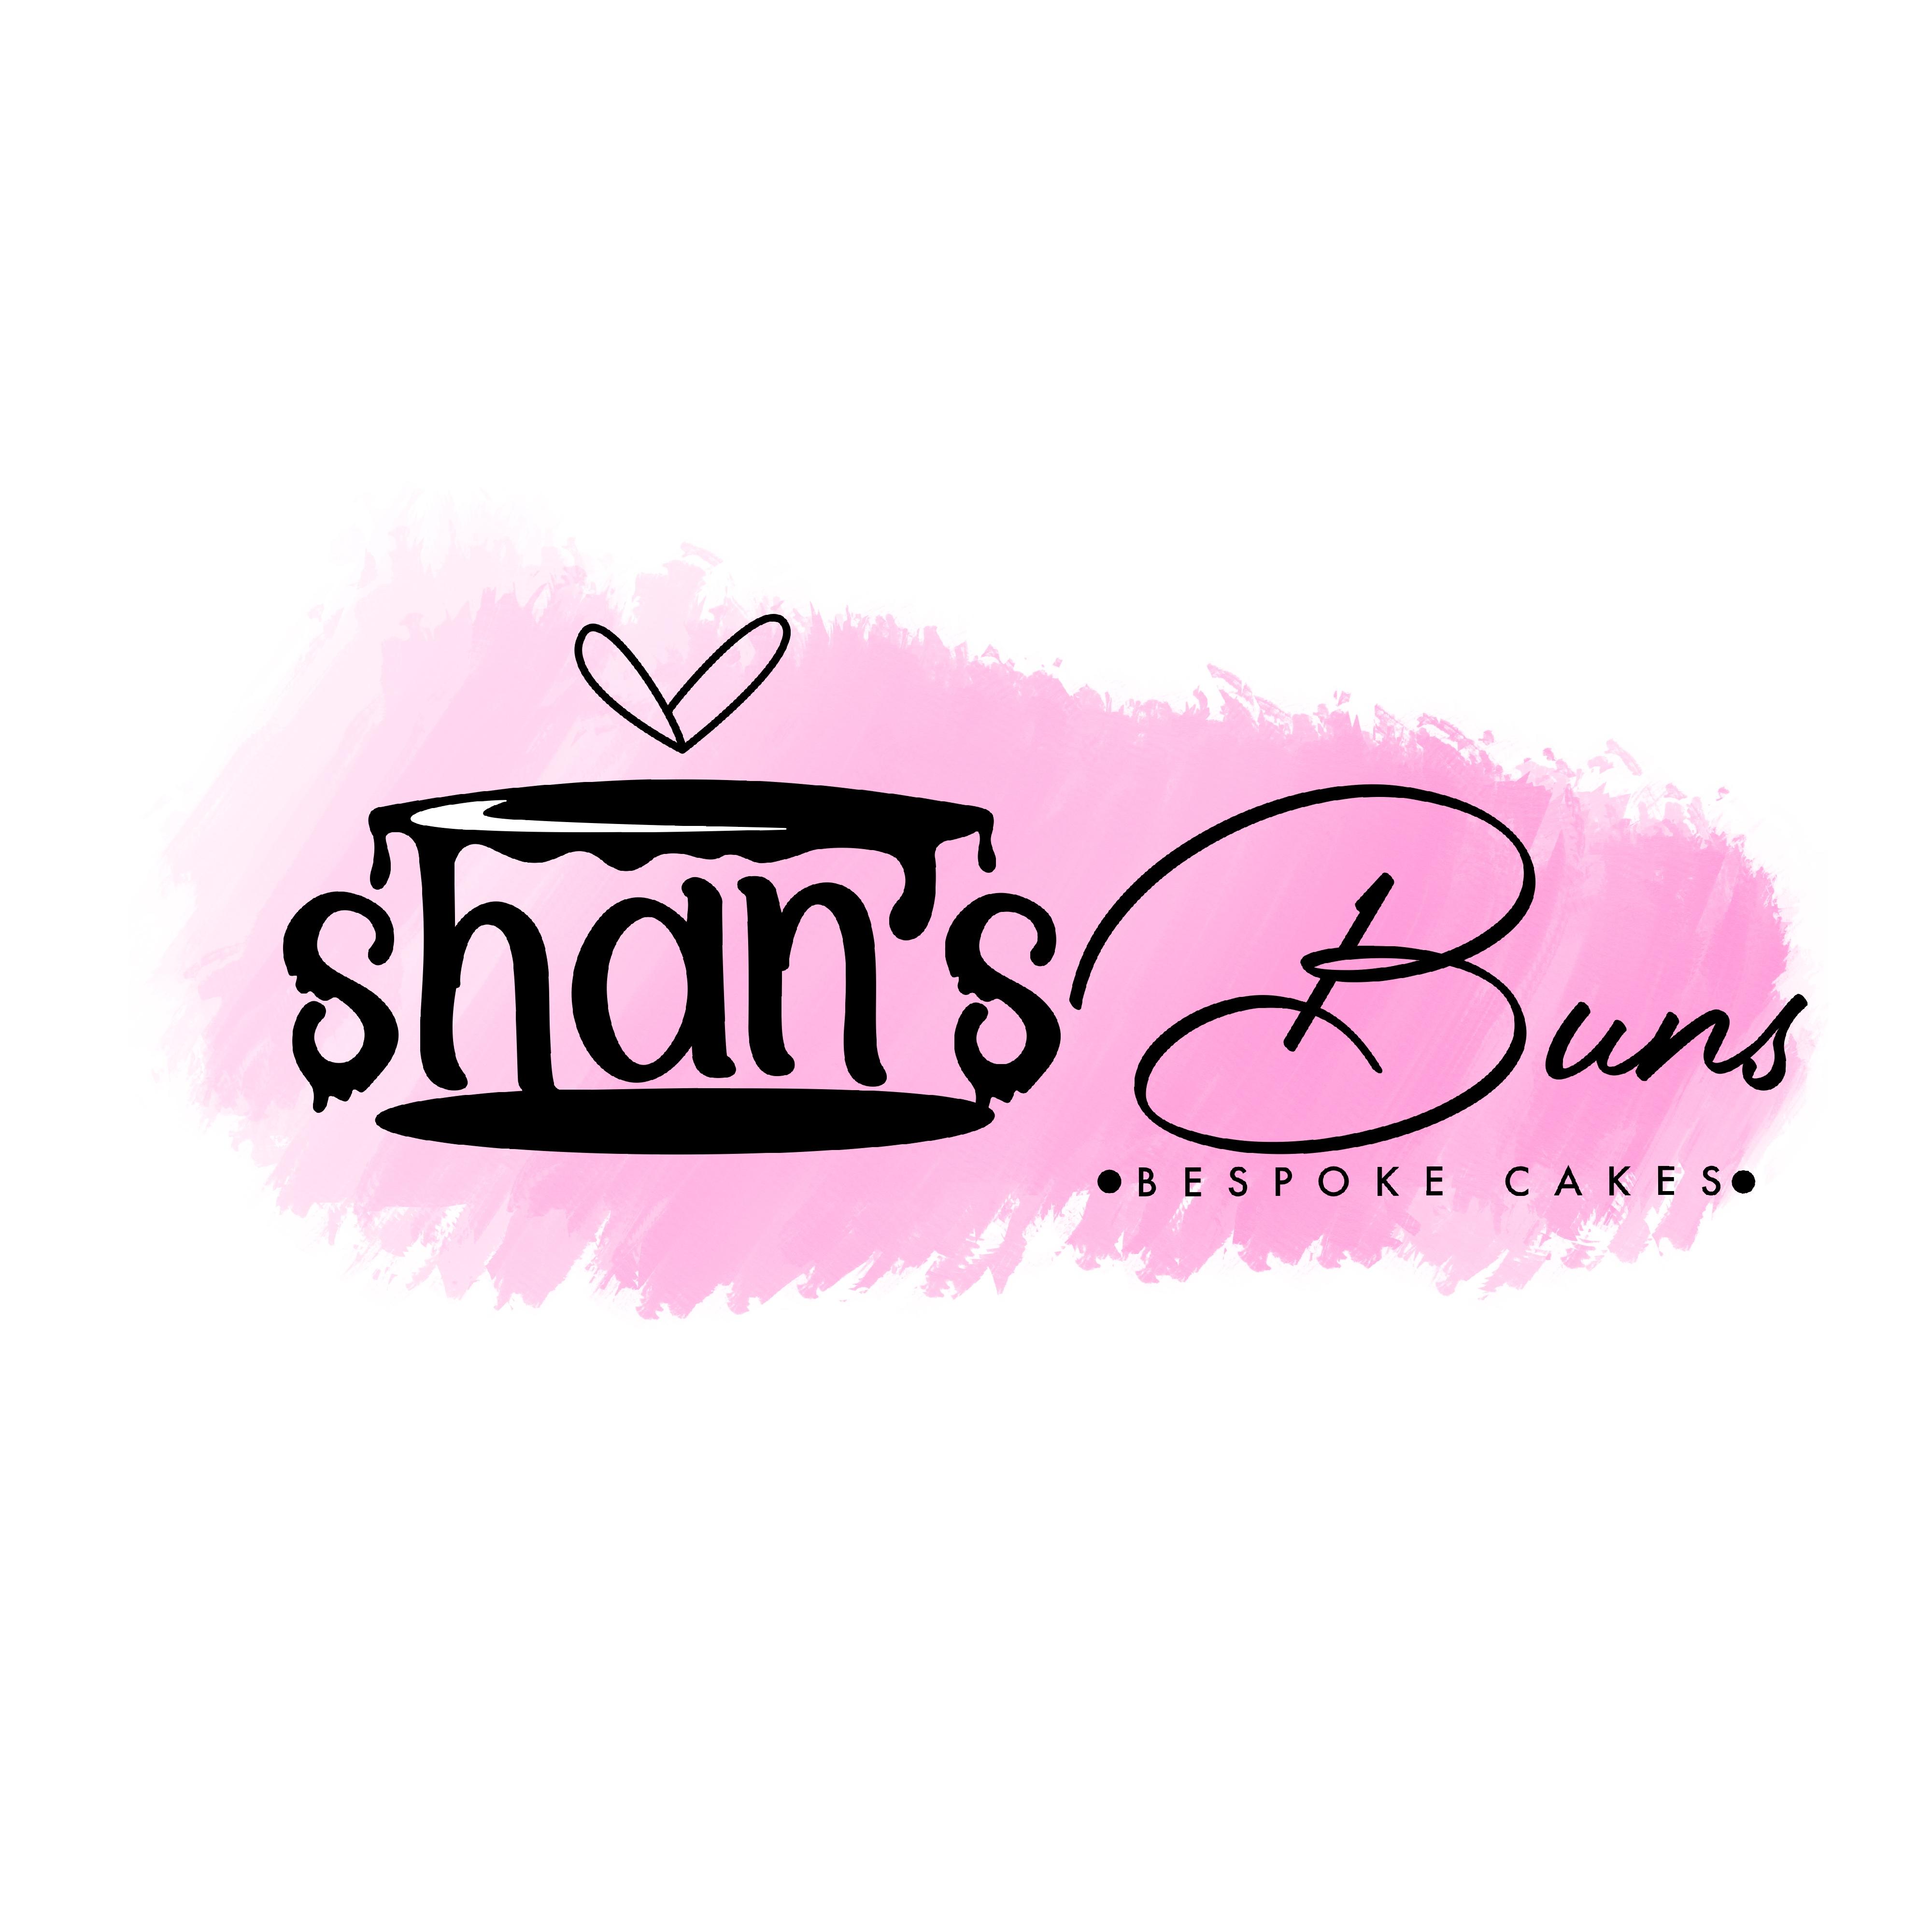 Shansbuns